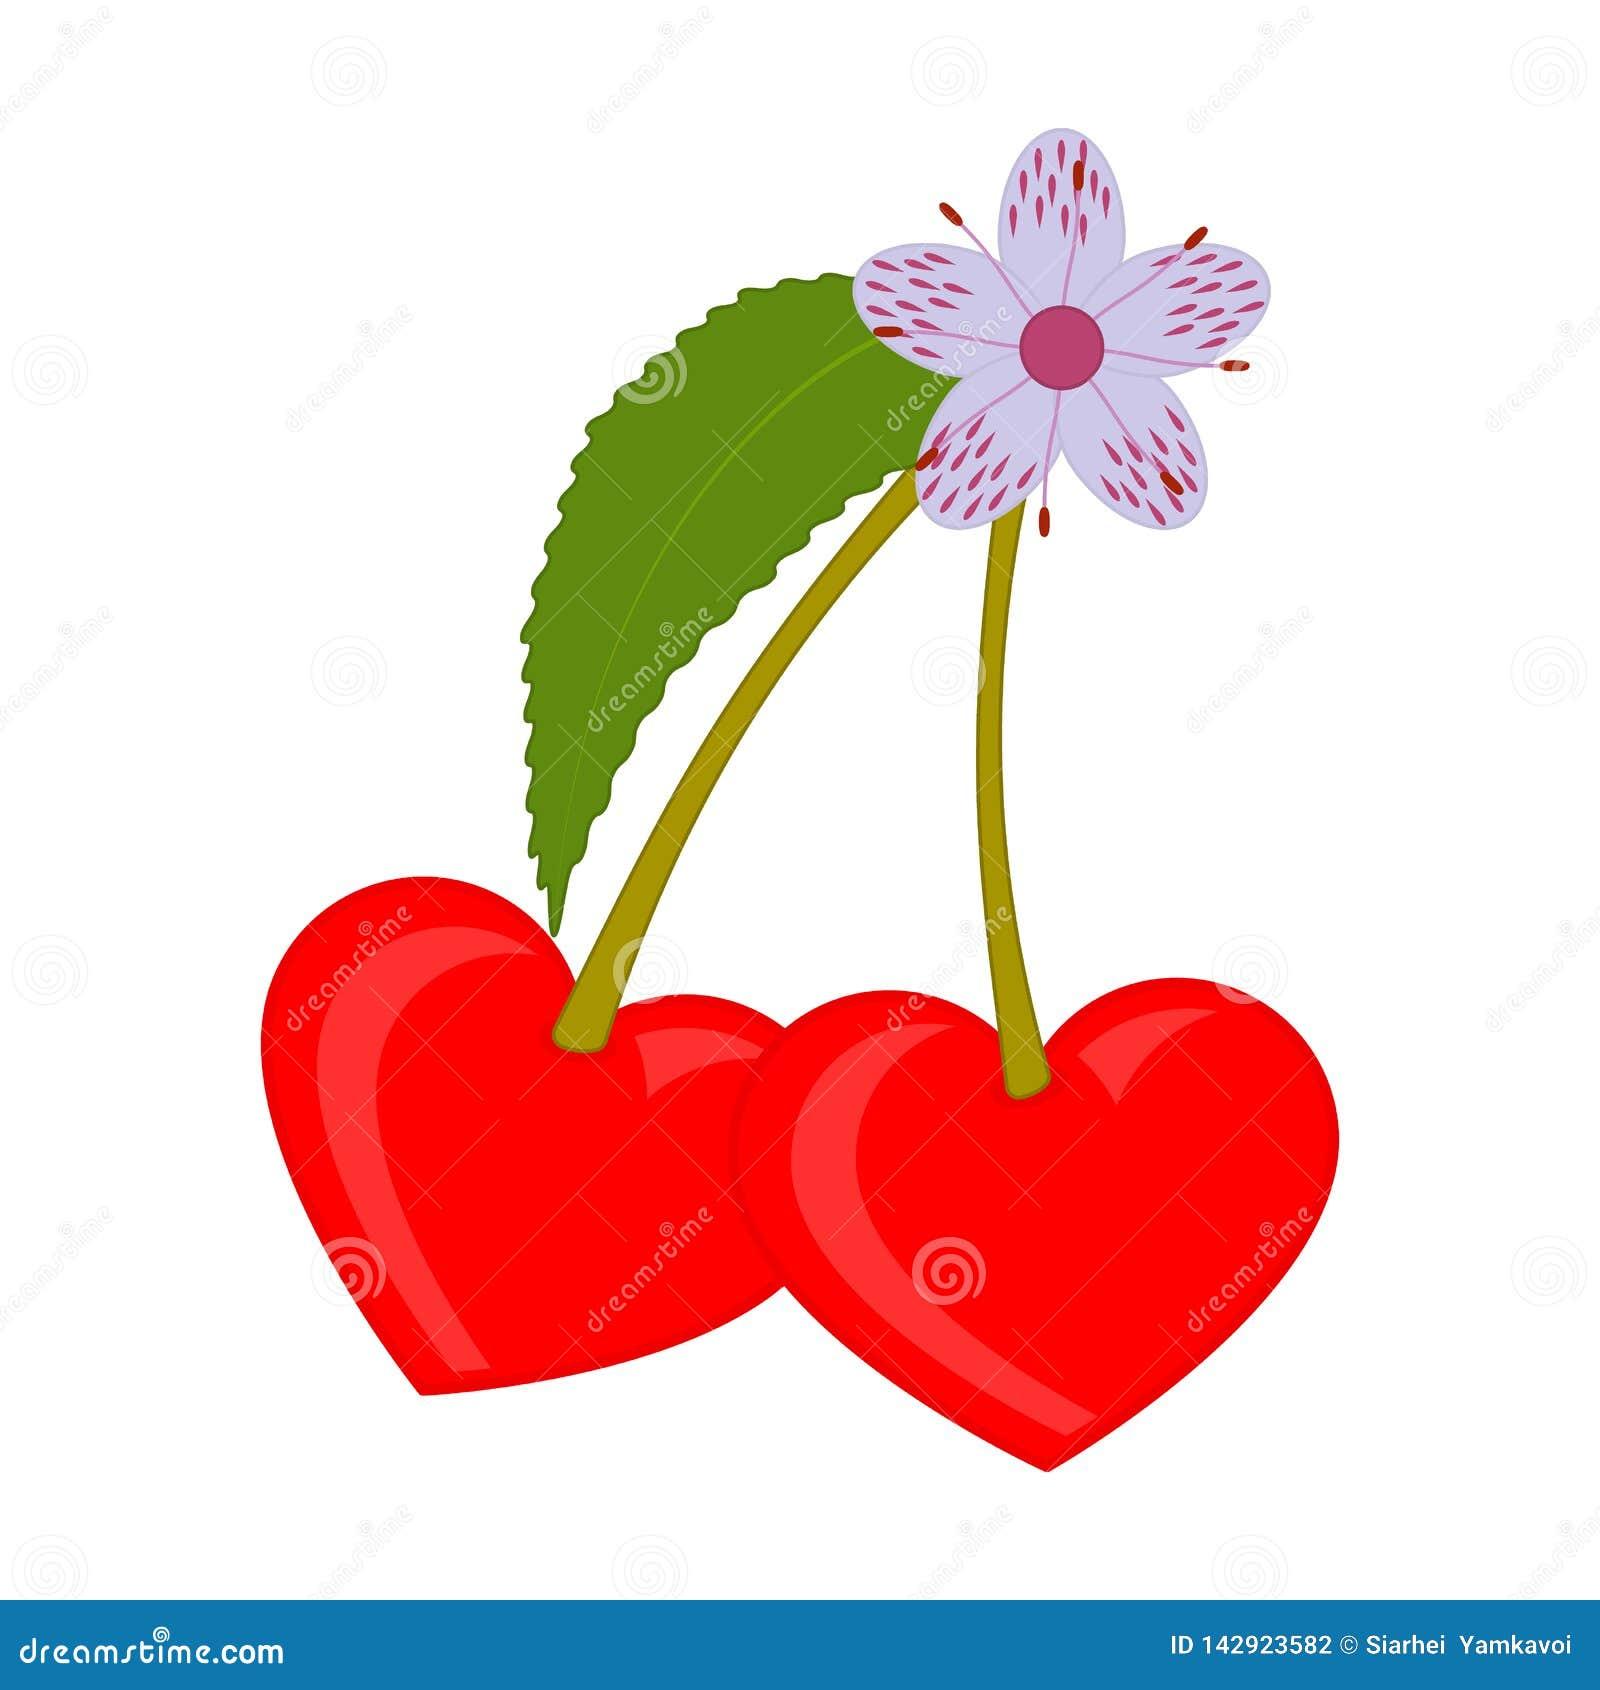 Ζευγάρι των κόκκινων κερασιών με ένα λουλούδι και μια καρδιά φύλλων που διαμορφώνονται Εικονίδιο καρδιών Απομονωμένη διανυσματική